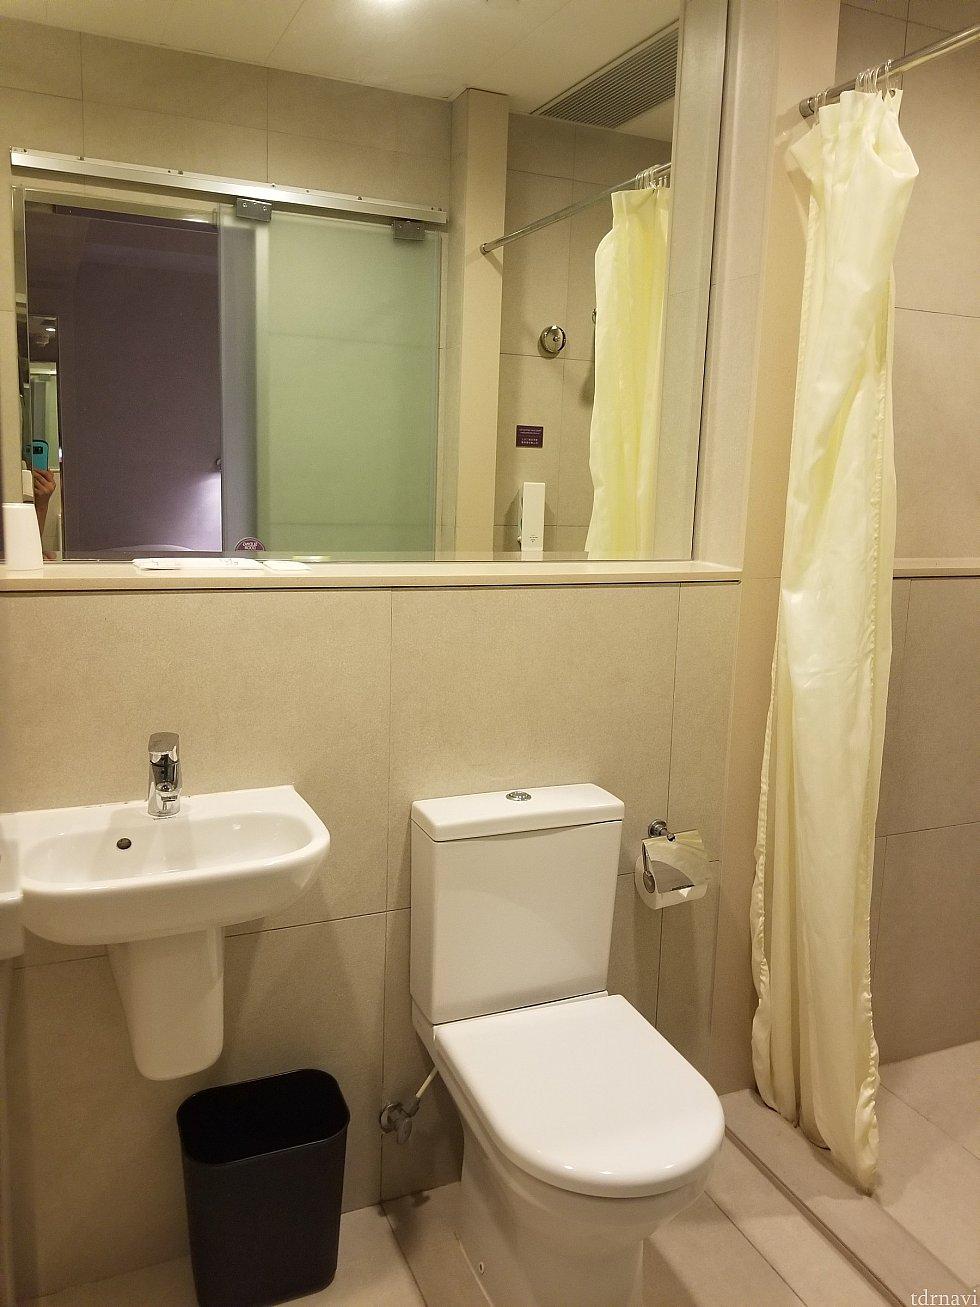 アメニティは歯ブラシ、シャワーキャップのみ バスタオル、ハンドタオルはあります。 シャワースペースと洗面所は段があるのでびしょびしょになる事はありません。